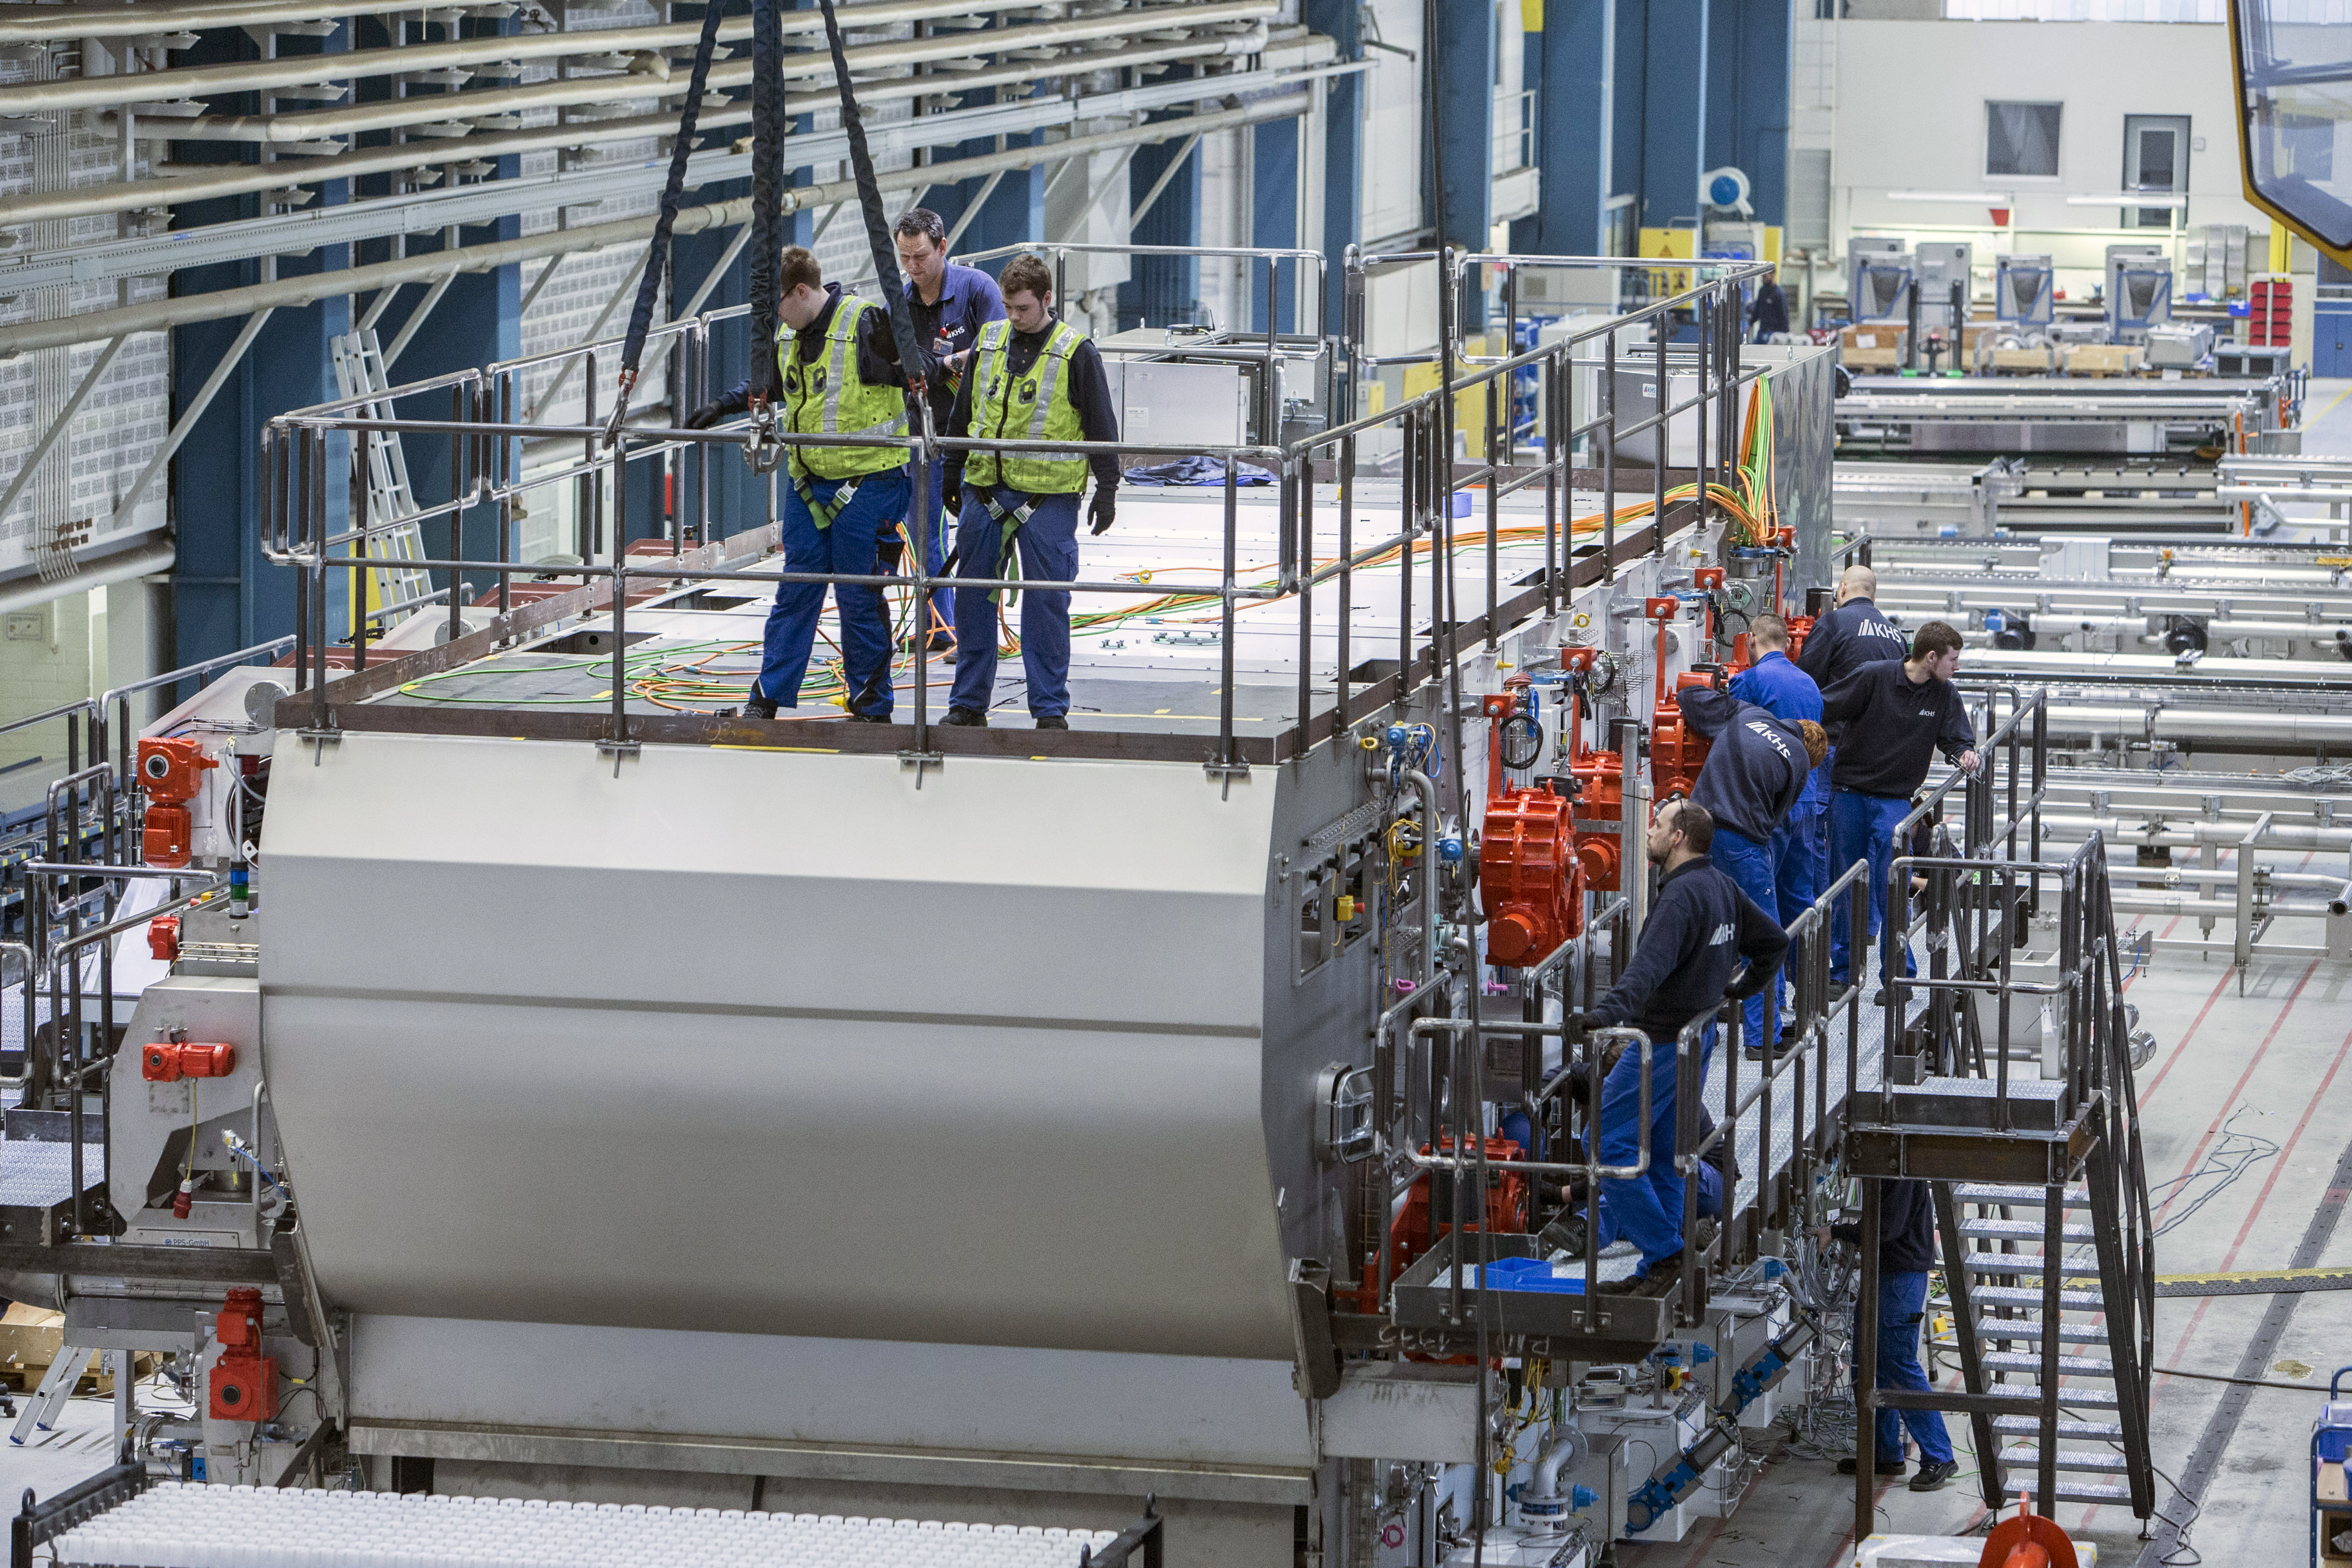 Arbeitsplaner im Blick auf die Flaschenreinigungsmaschine in der Montage